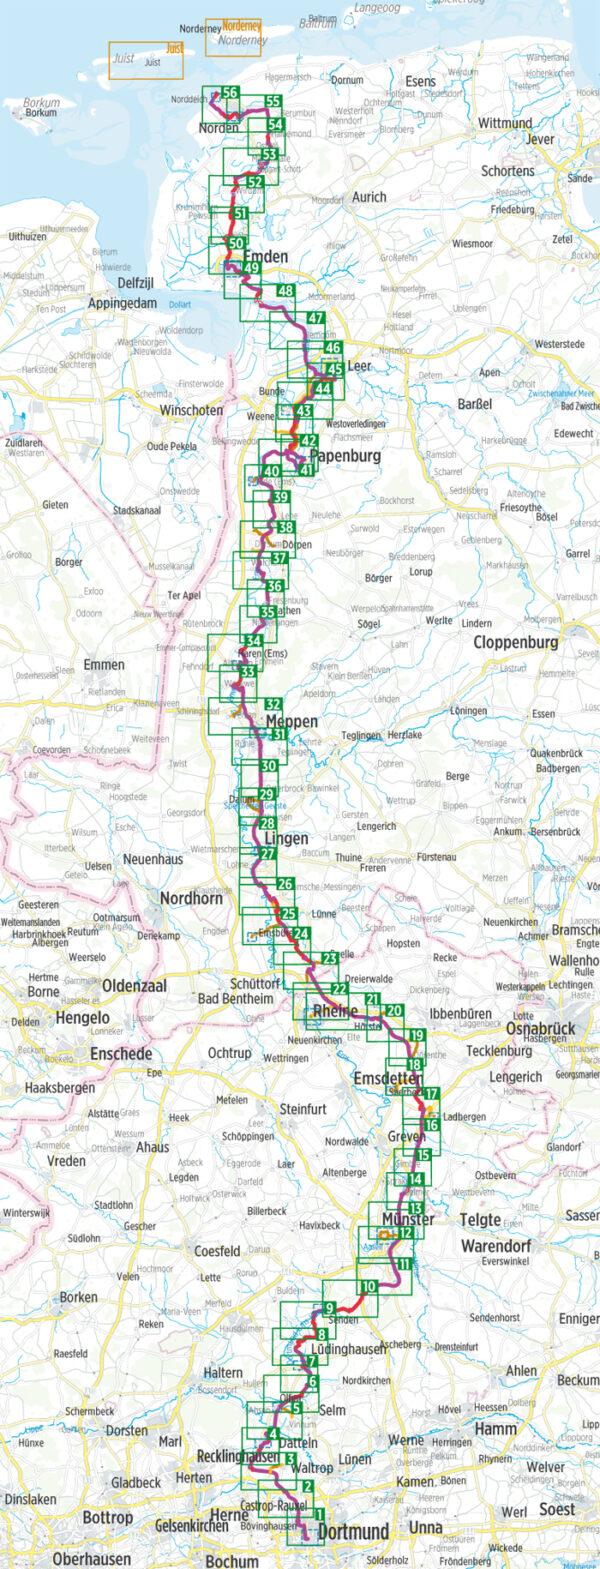 Dortmund-Ems-Kanal Radfernweg | Bikeline fietsgids 9783850008969  Esterbauer Bikeline - Mini  Fietsgidsen Münsterland, Bentheim